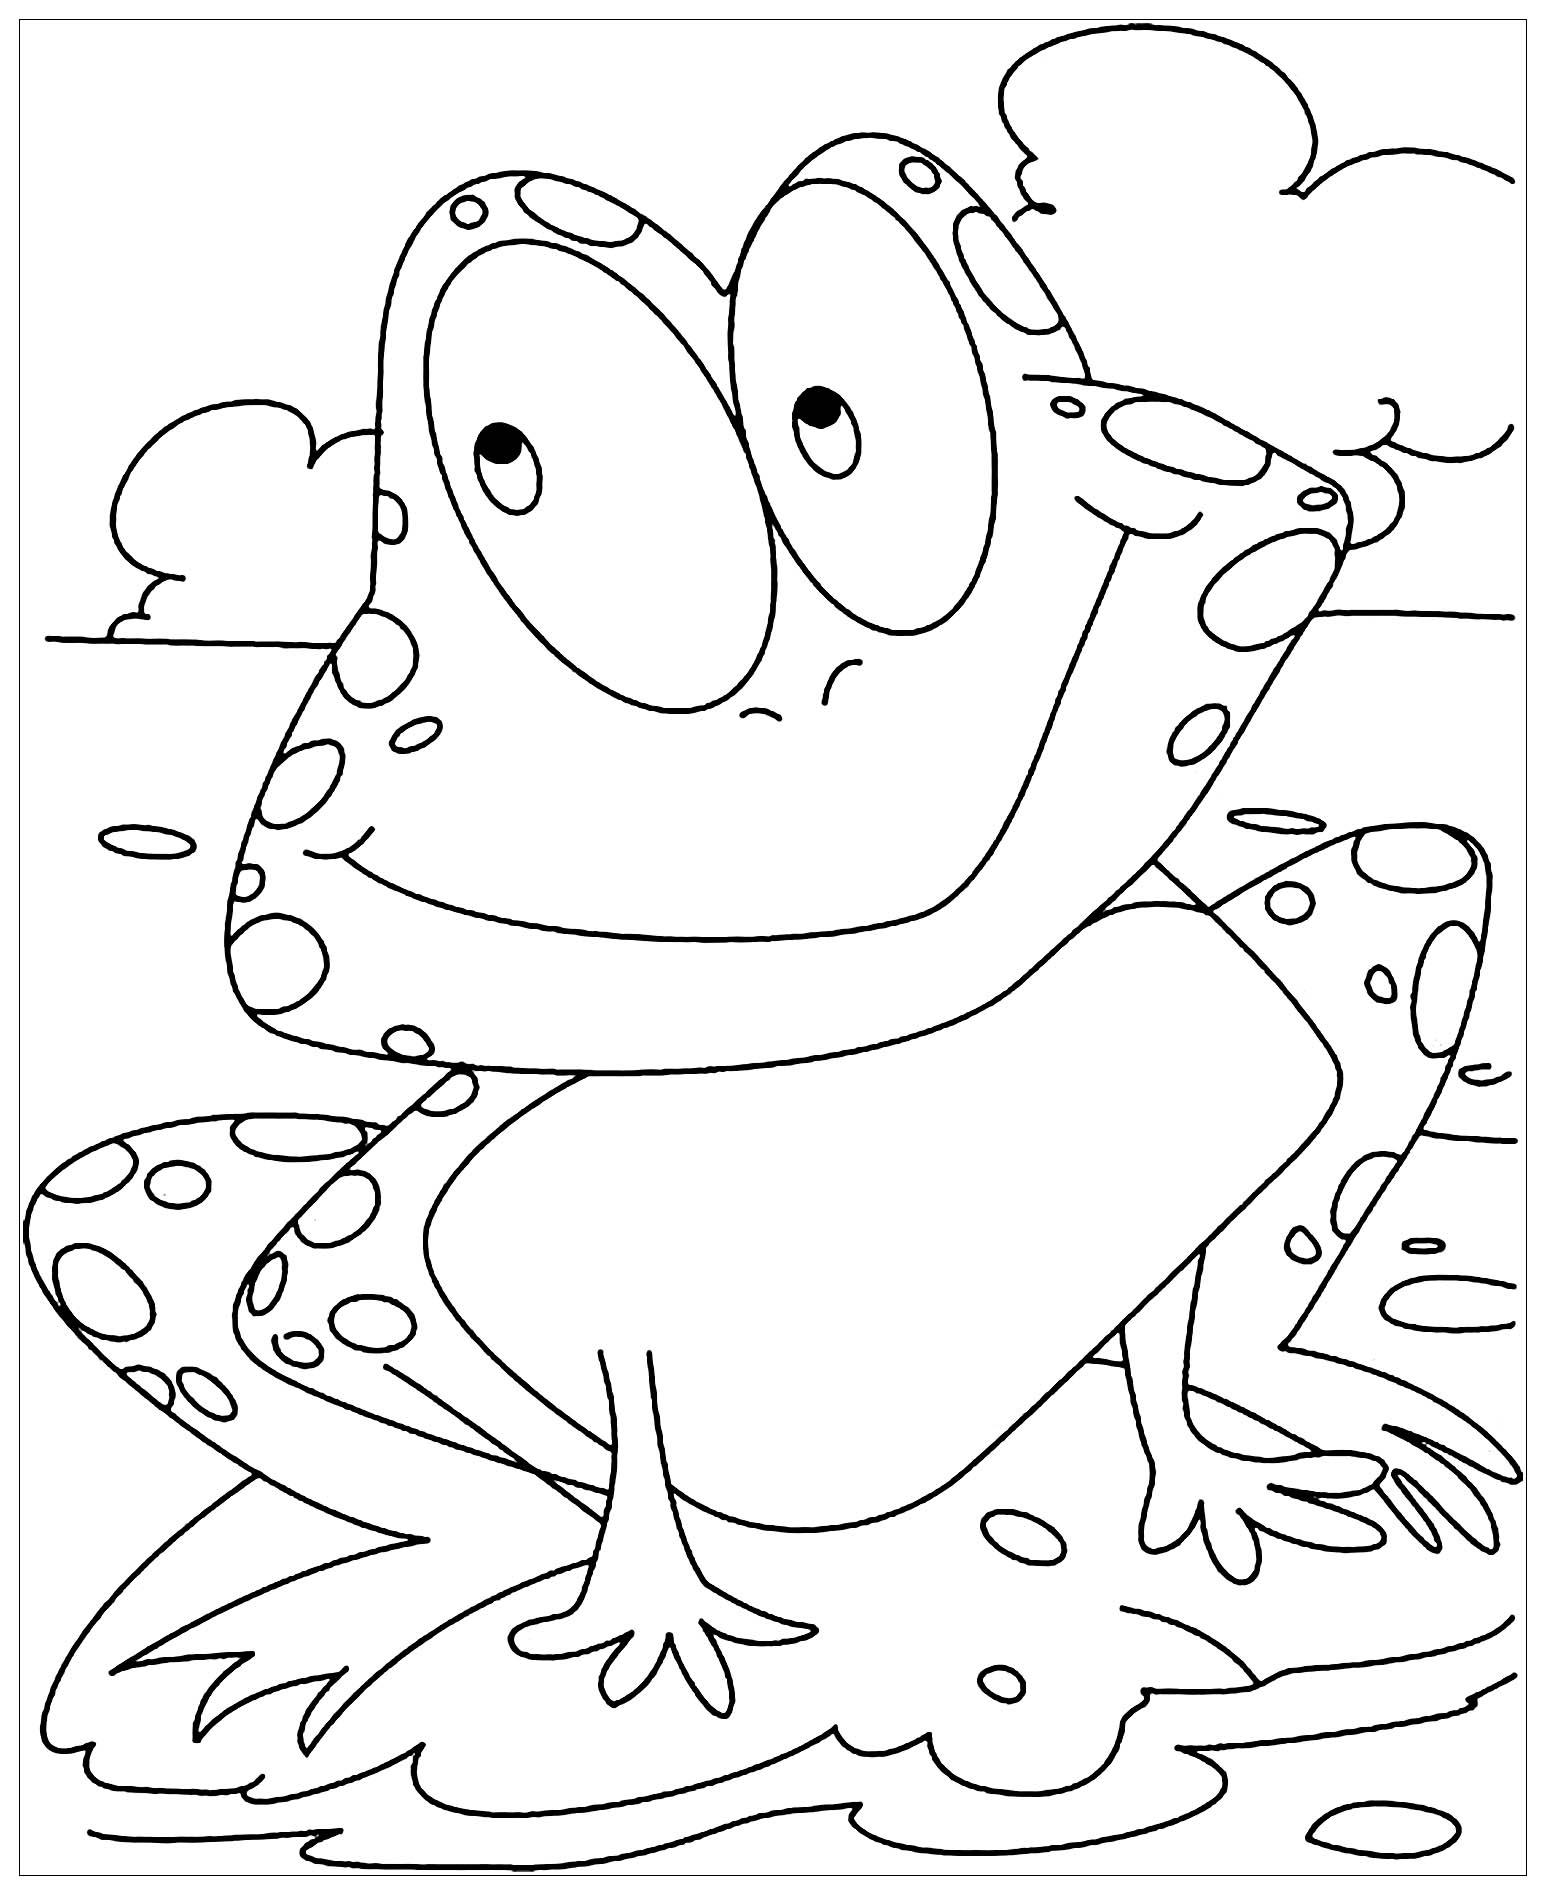 Coloriage amusant de grenouille à imprimer et colorier